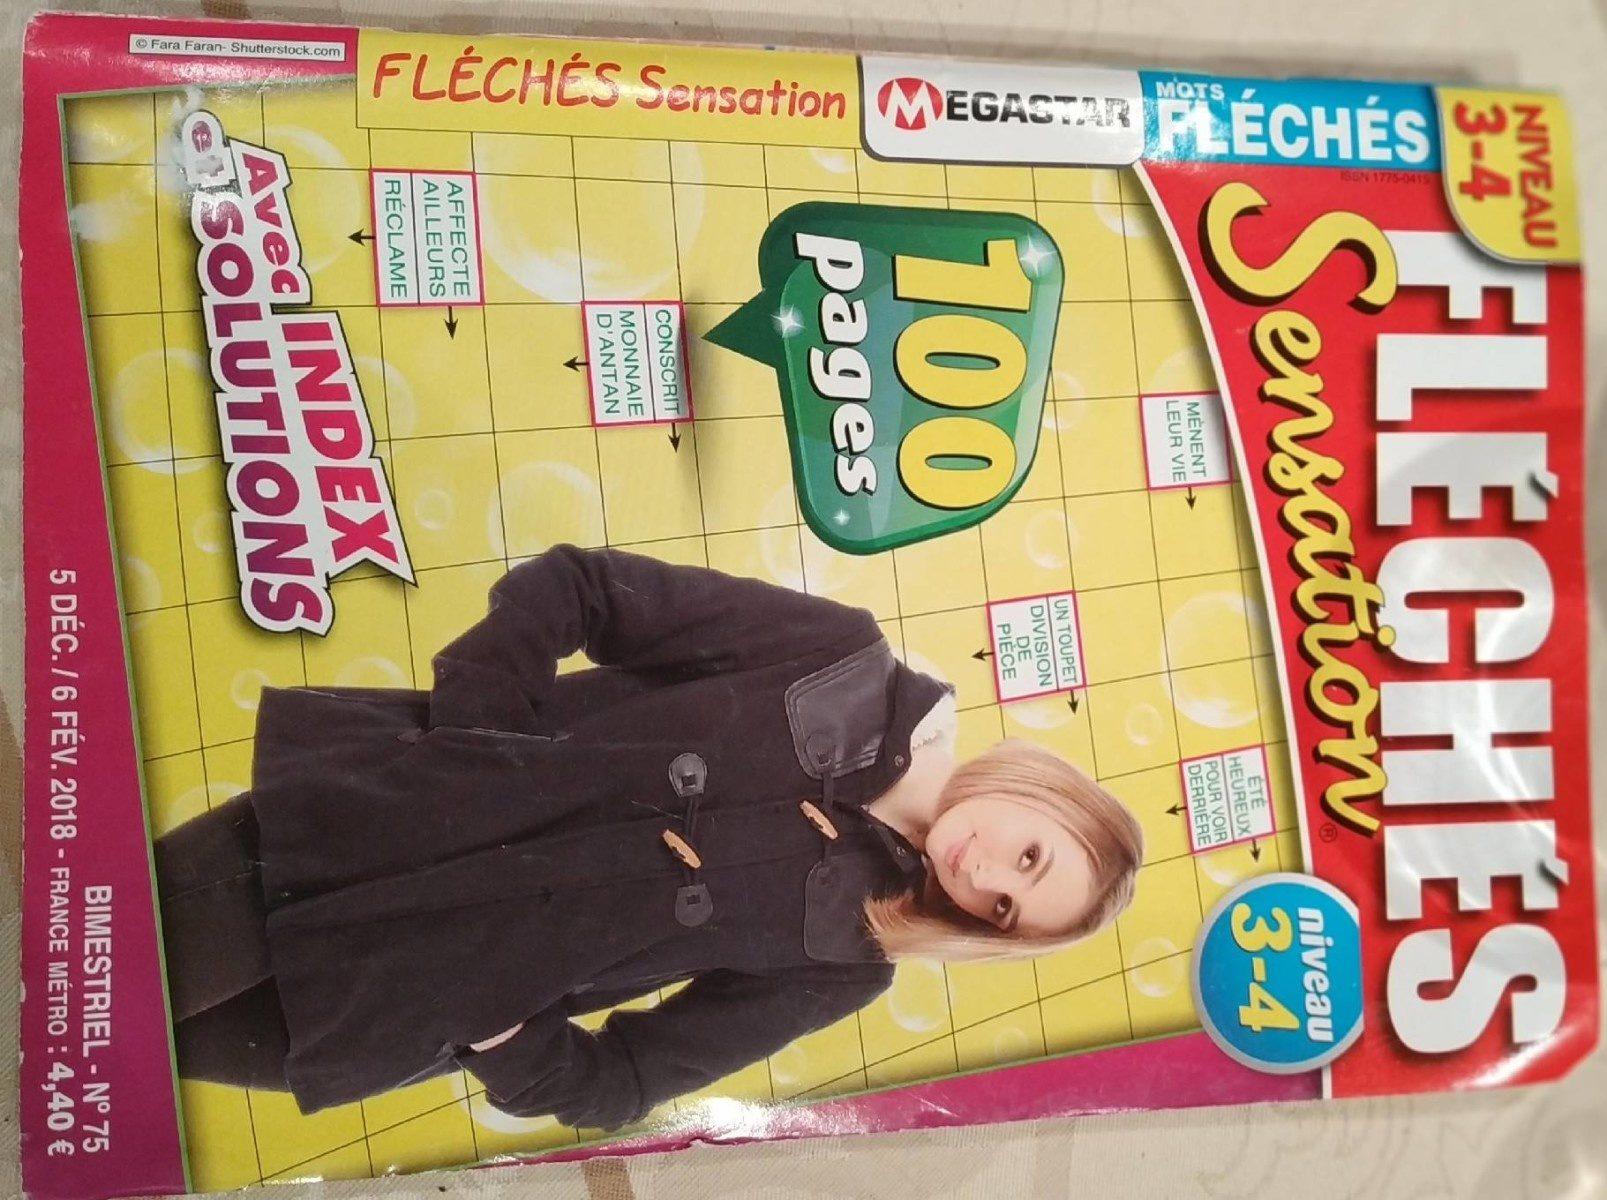 Fléchés sensation - Product - fr